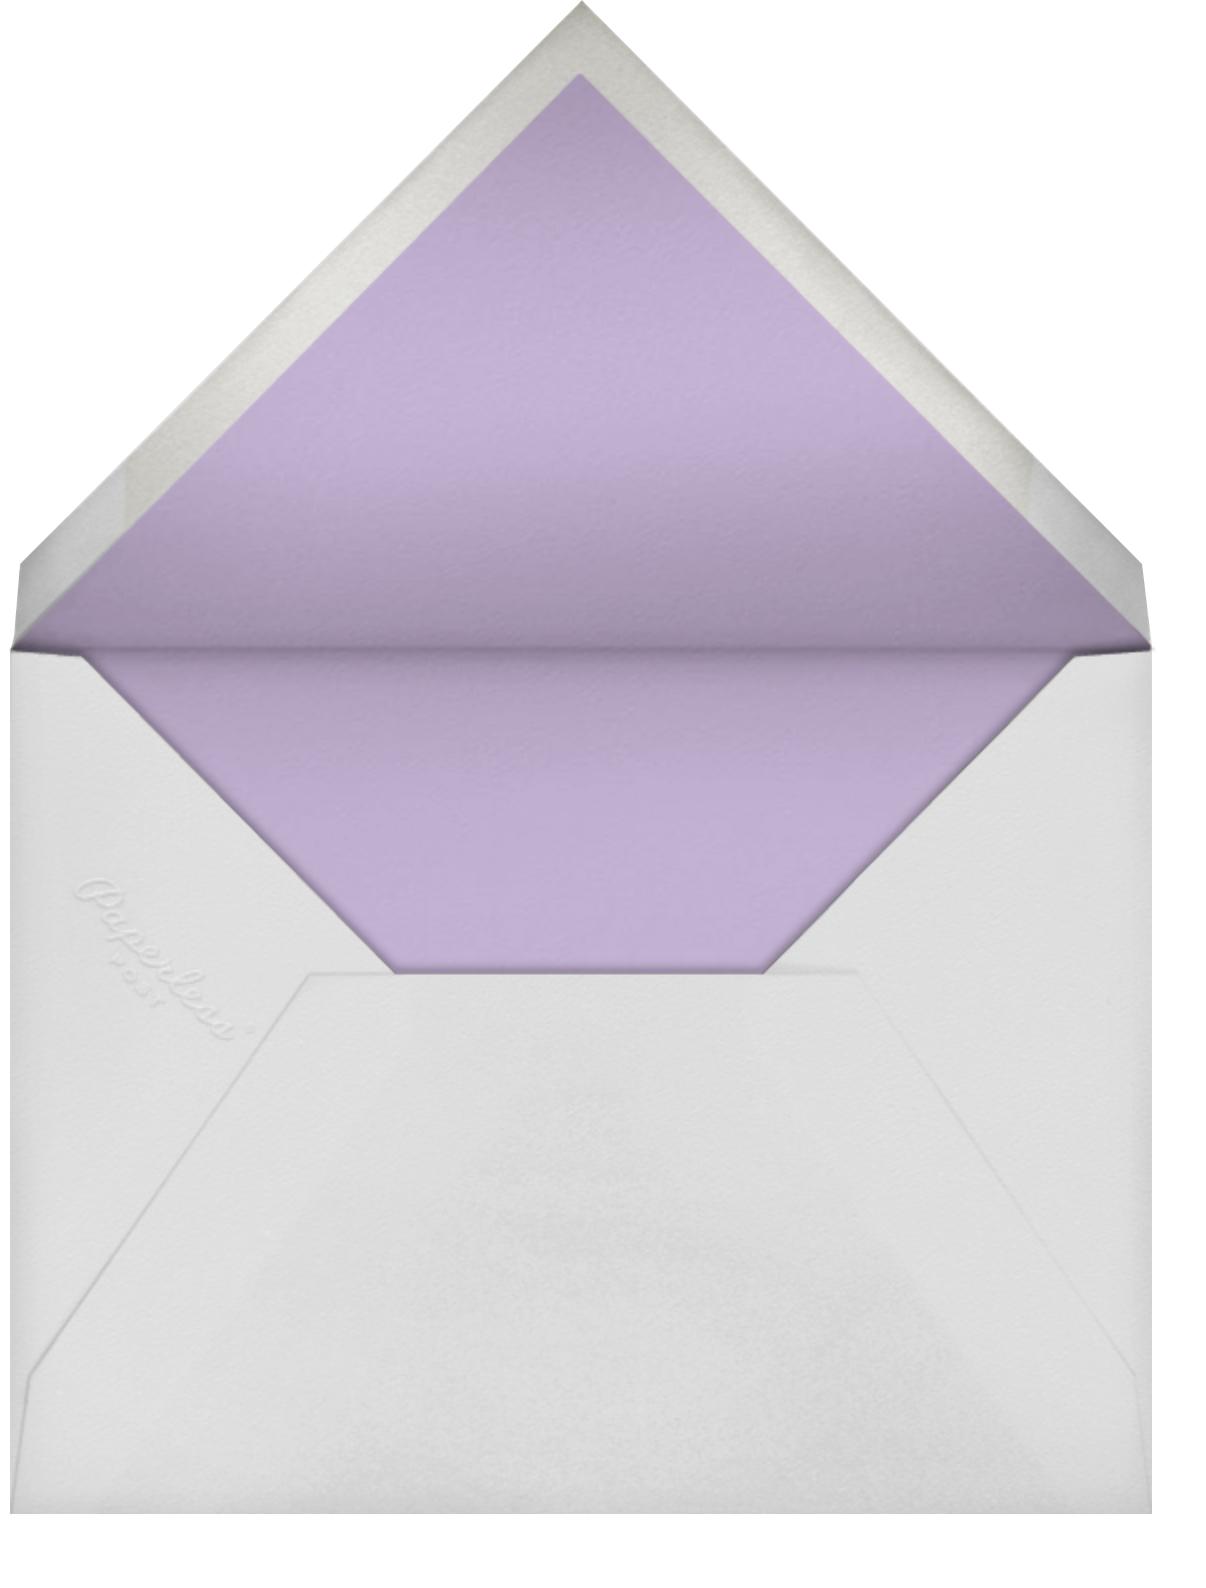 Fauvist Florals - kate spade new york - Bridal shower - envelope back